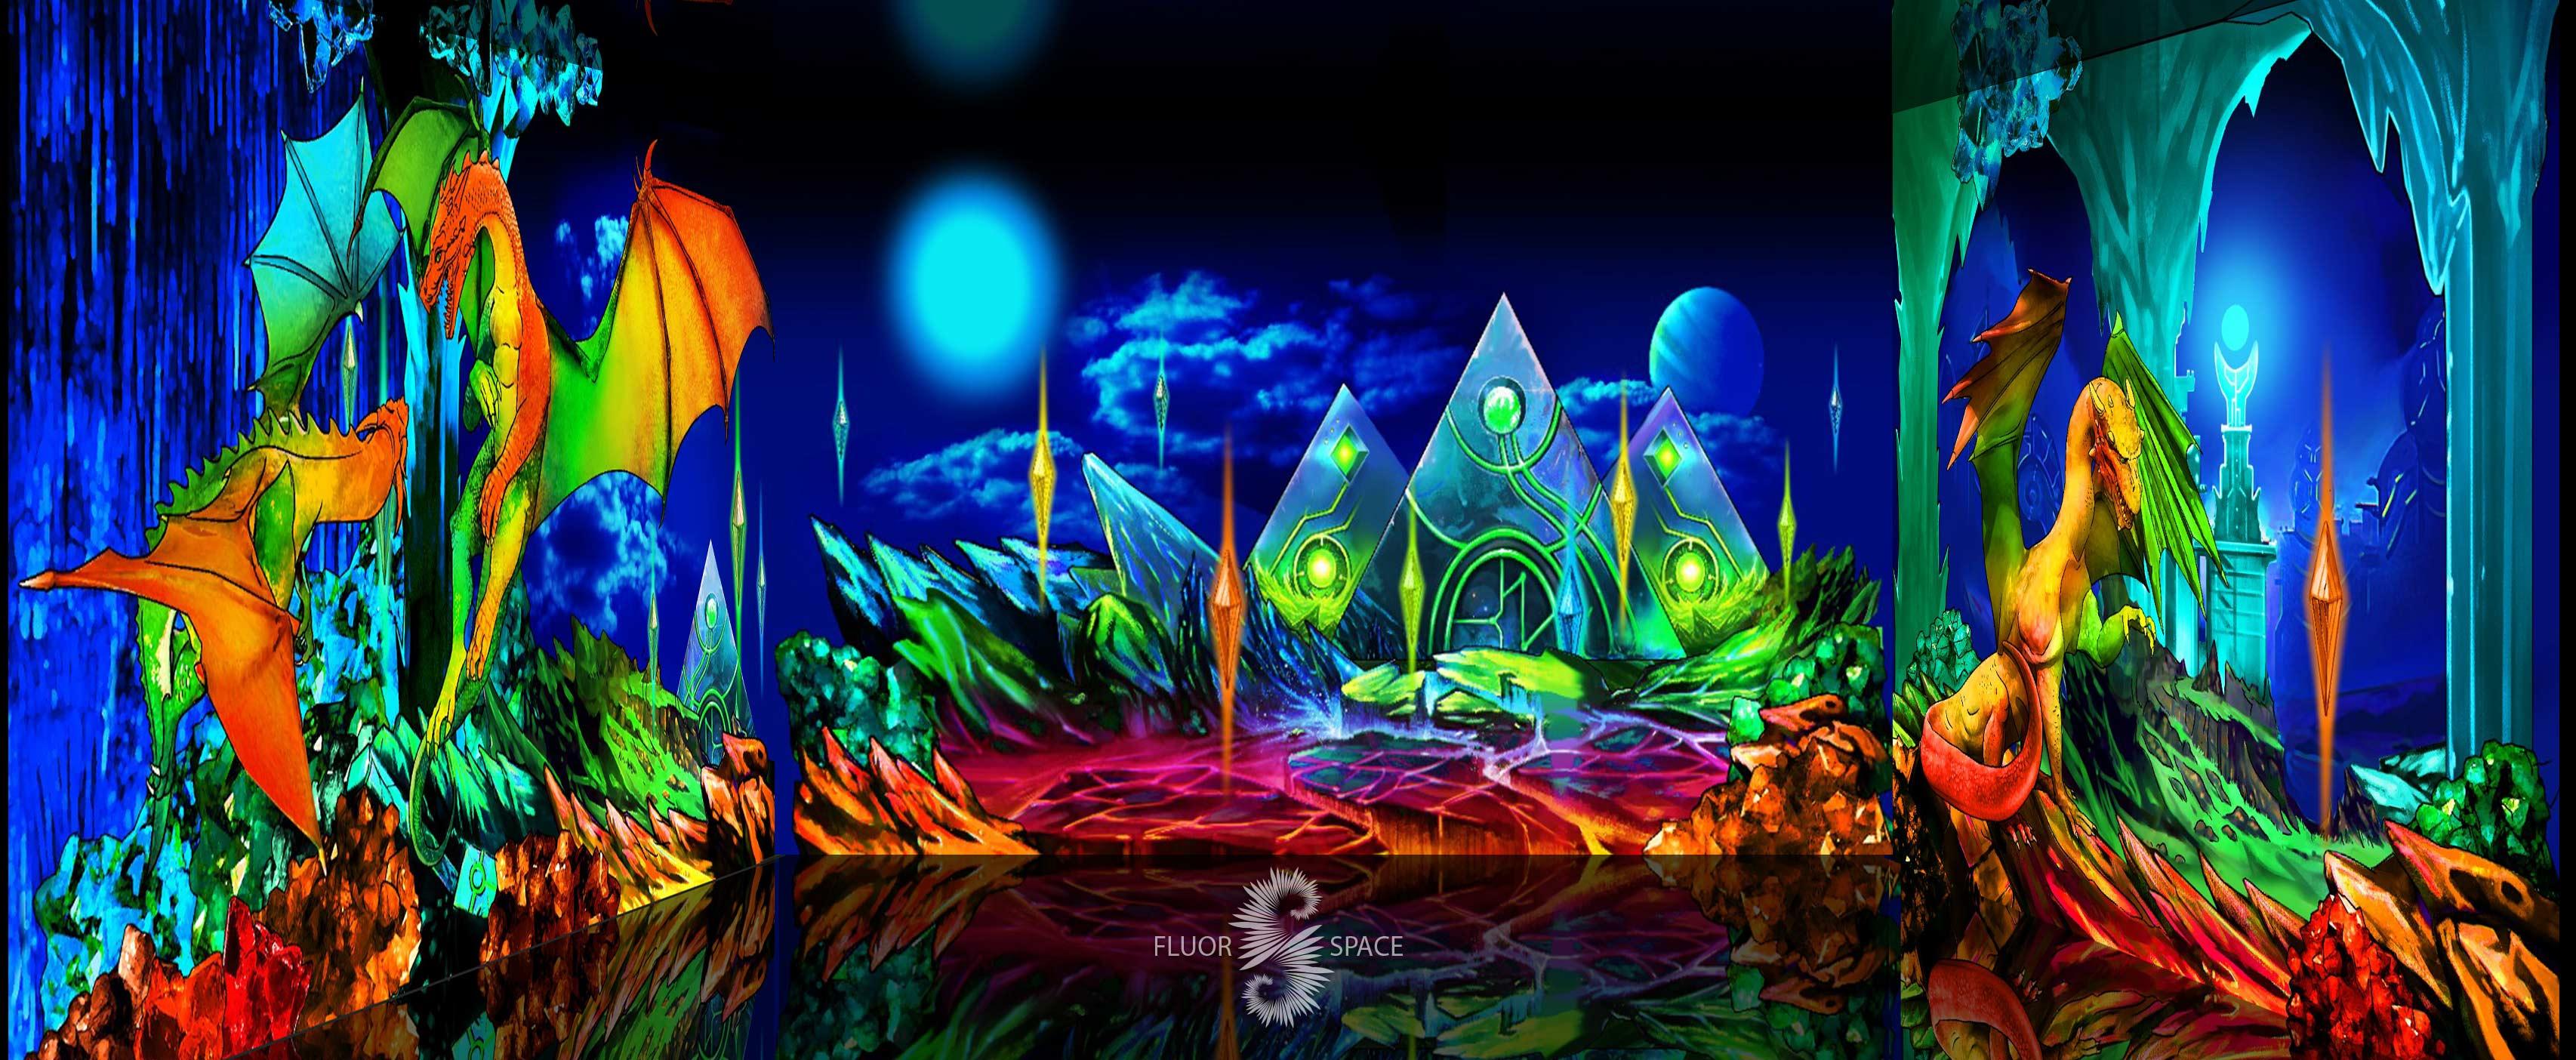 Мир драконов - флуоресцентные хроматические 3D декорации